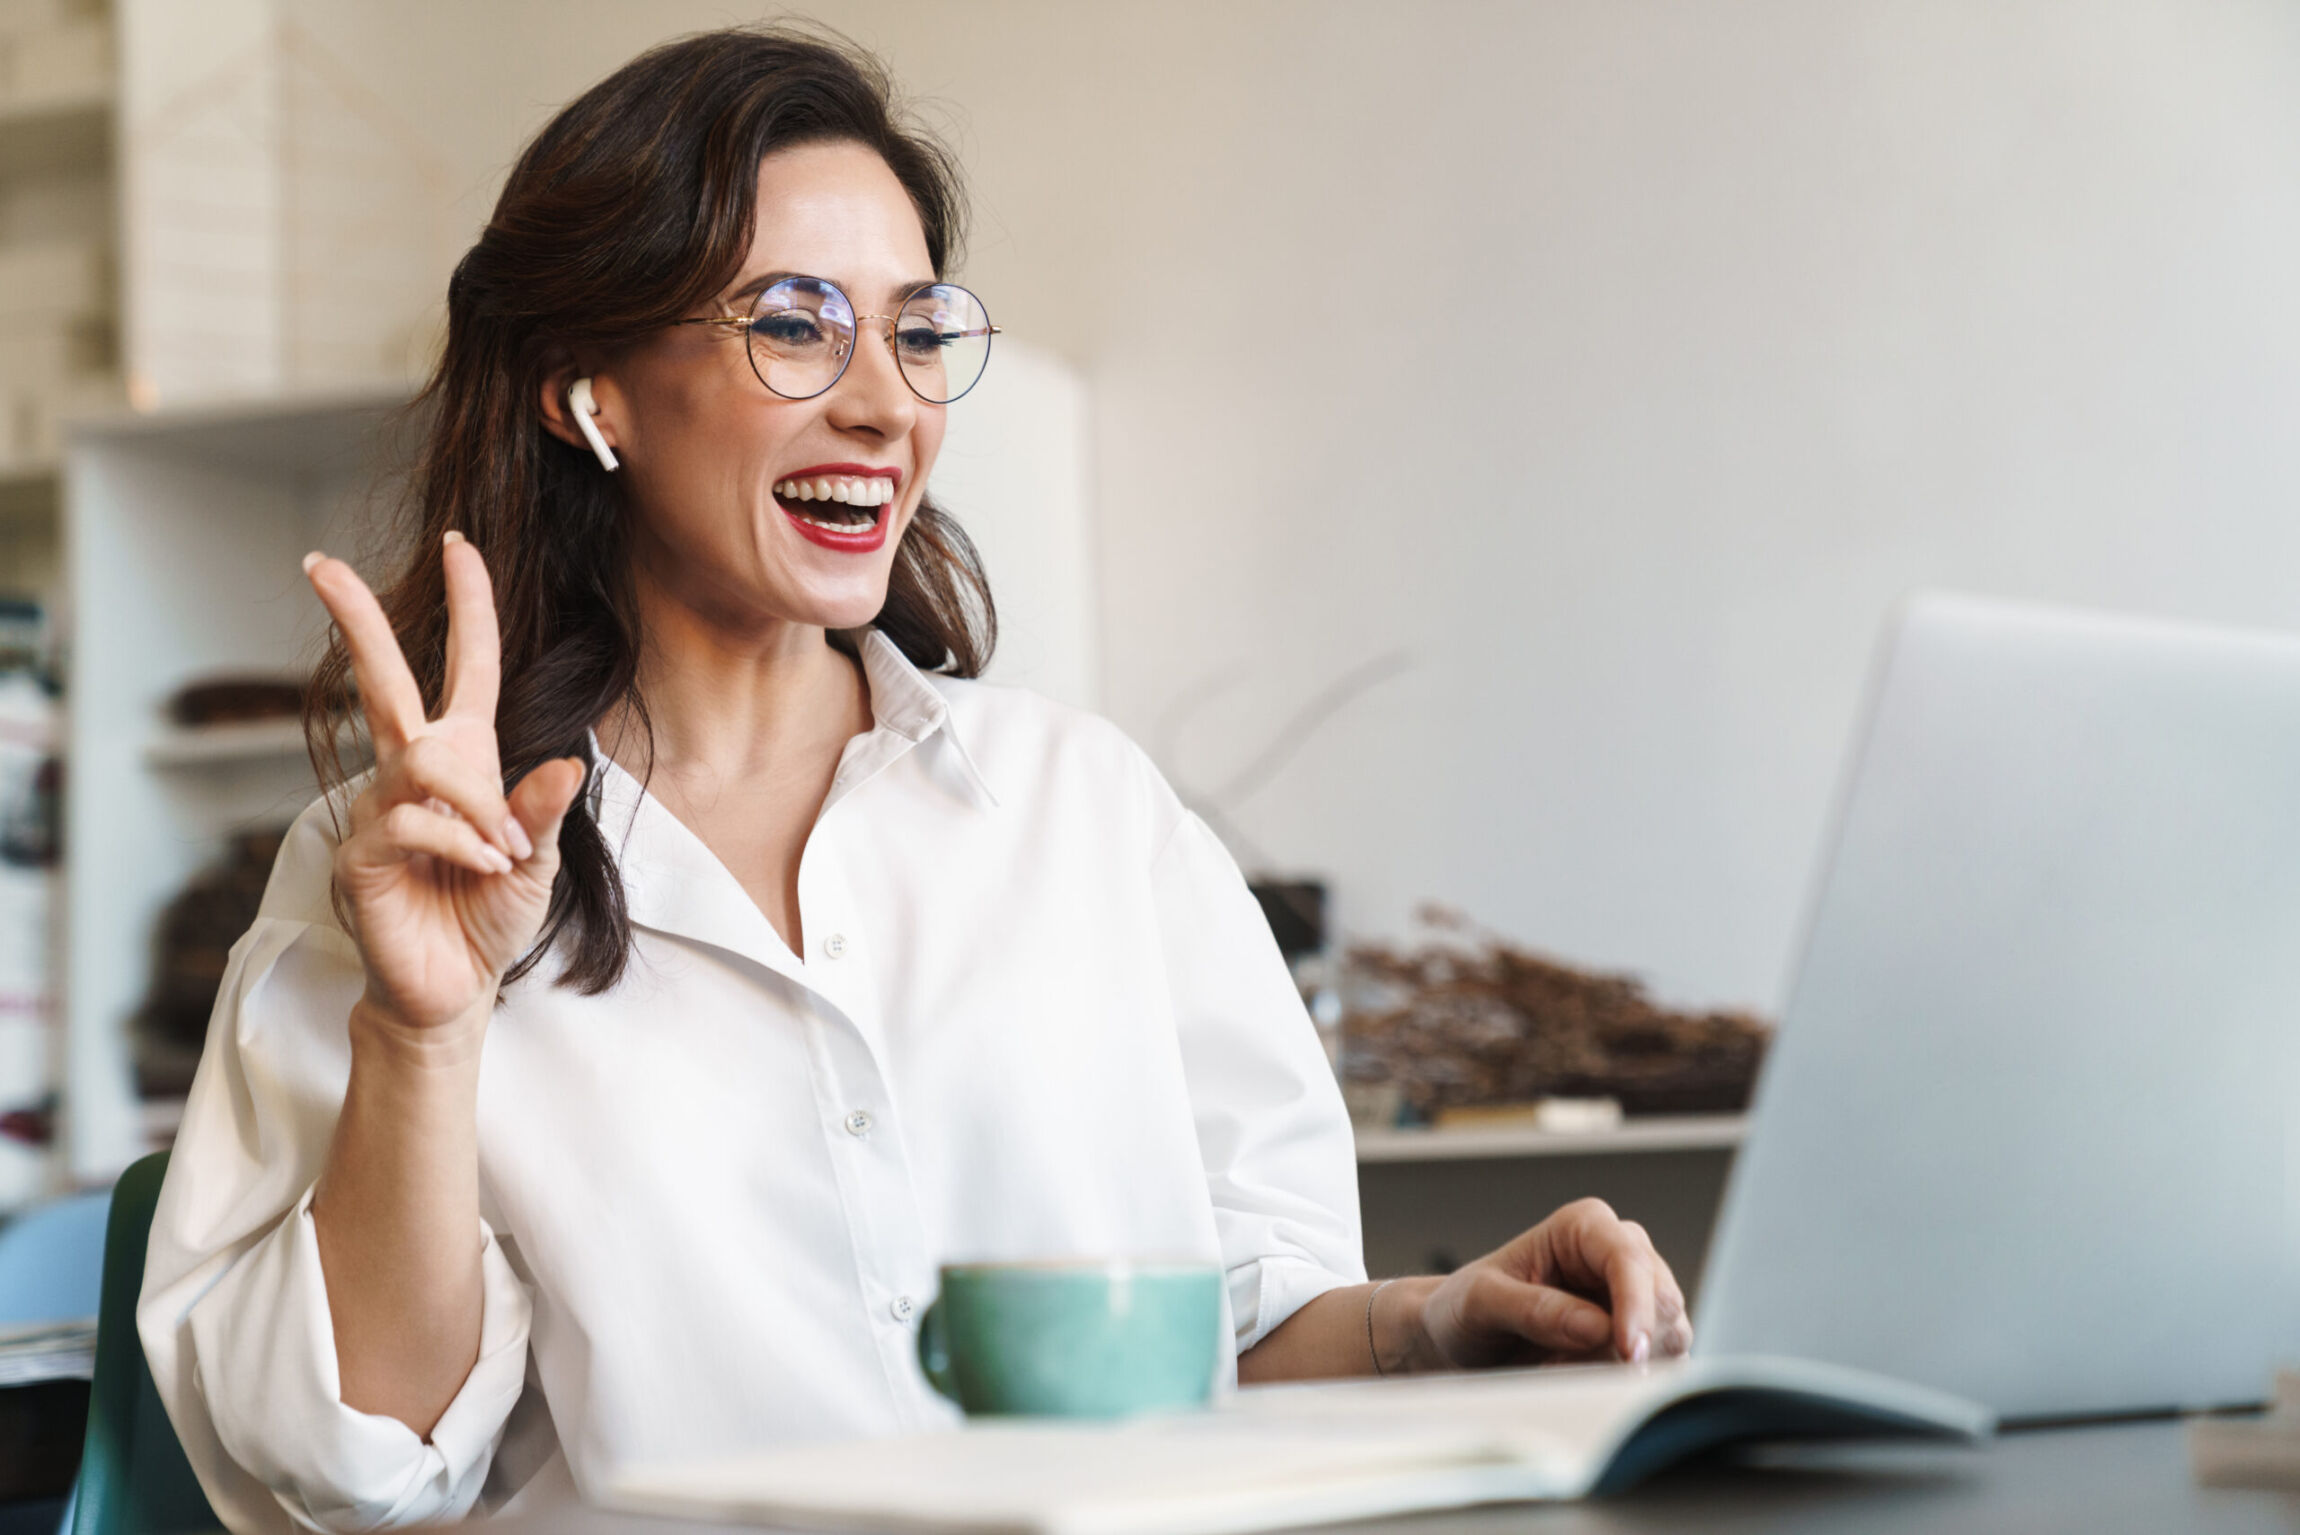 Riconoscere e gestire le emozioni in azienda